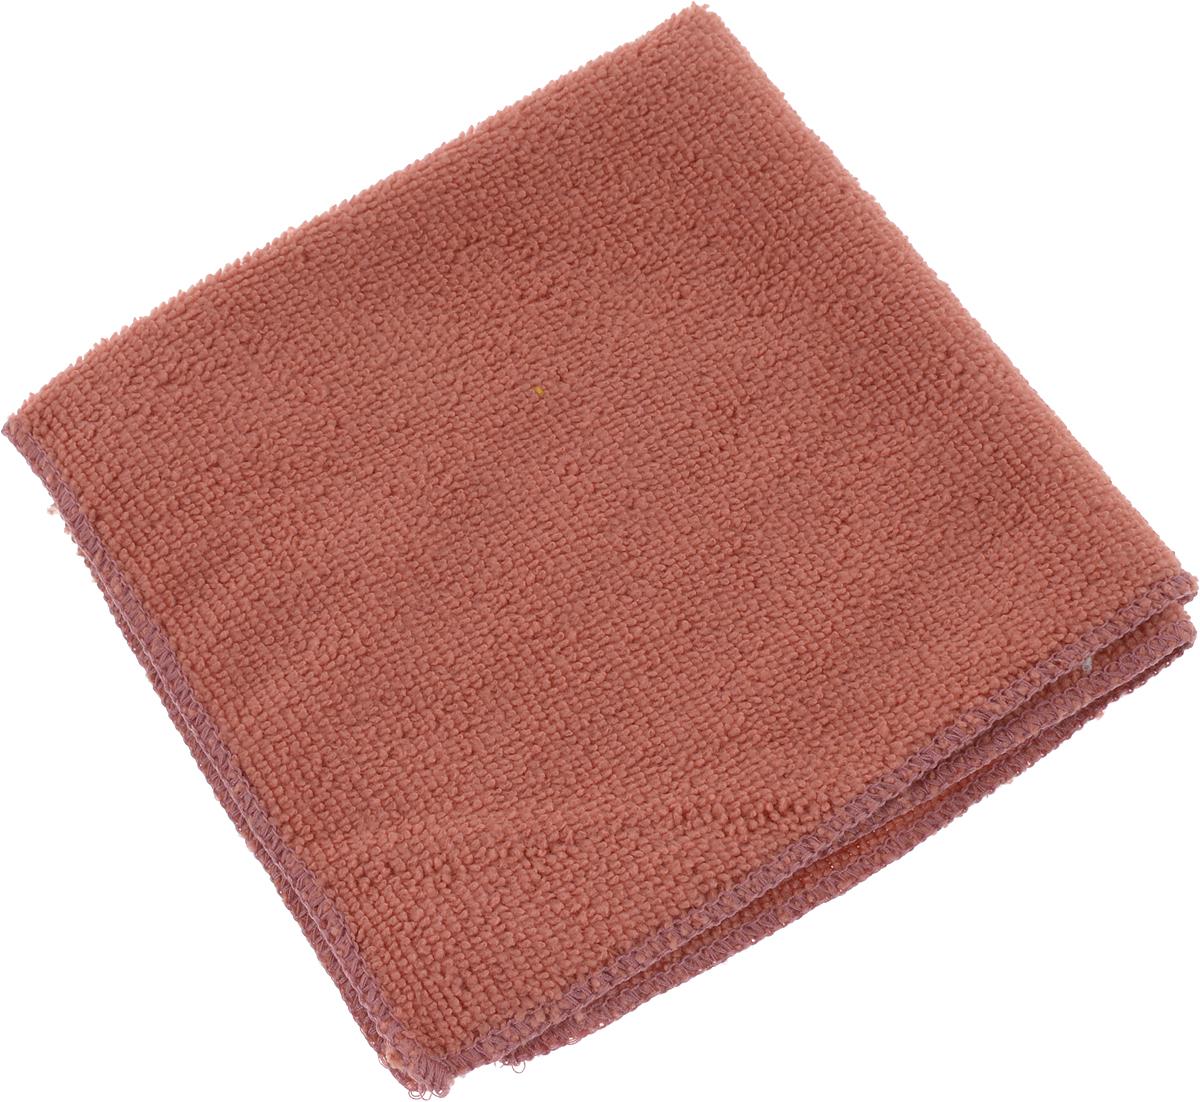 Салфетка универсальная Коллекция, цвет: терракотовый, 30 х 30 см. Х5СМФХ5СМФ_терракотовыйСалфетка универсальная Коллекция, изготовленная из полиэстера, эффективно очищает, не царапает поверхность, не оставляет разводов и ворсинок. Идеально подходит для уборки сухим и влажным способом. Впитывает воду, жир и пыль. Легко стирается и быстро сохнет.Размер салфетки: 30 х 30 см.